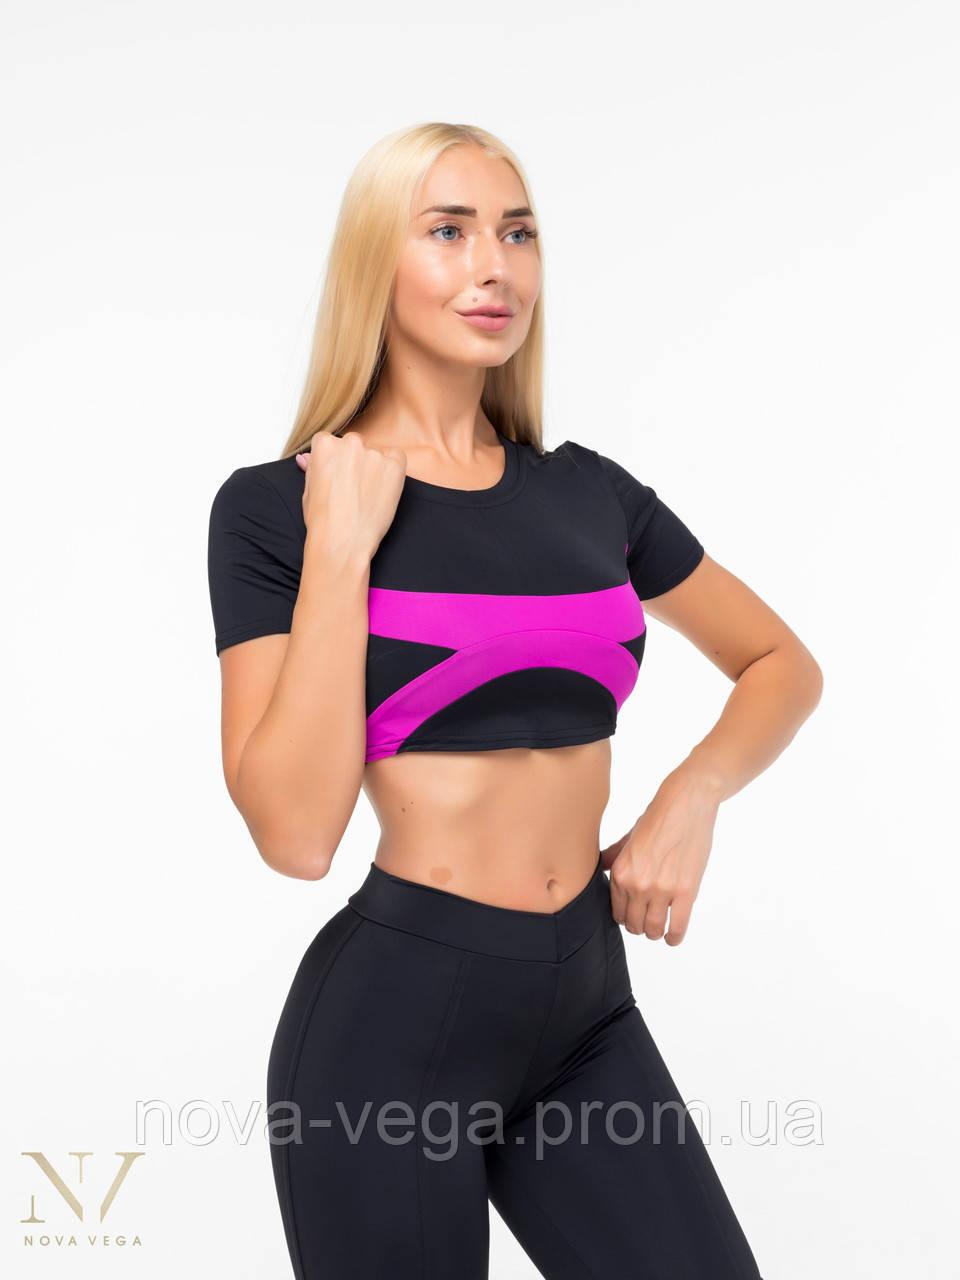 Спортивный Женский Топик Nova Vega Black&Violet